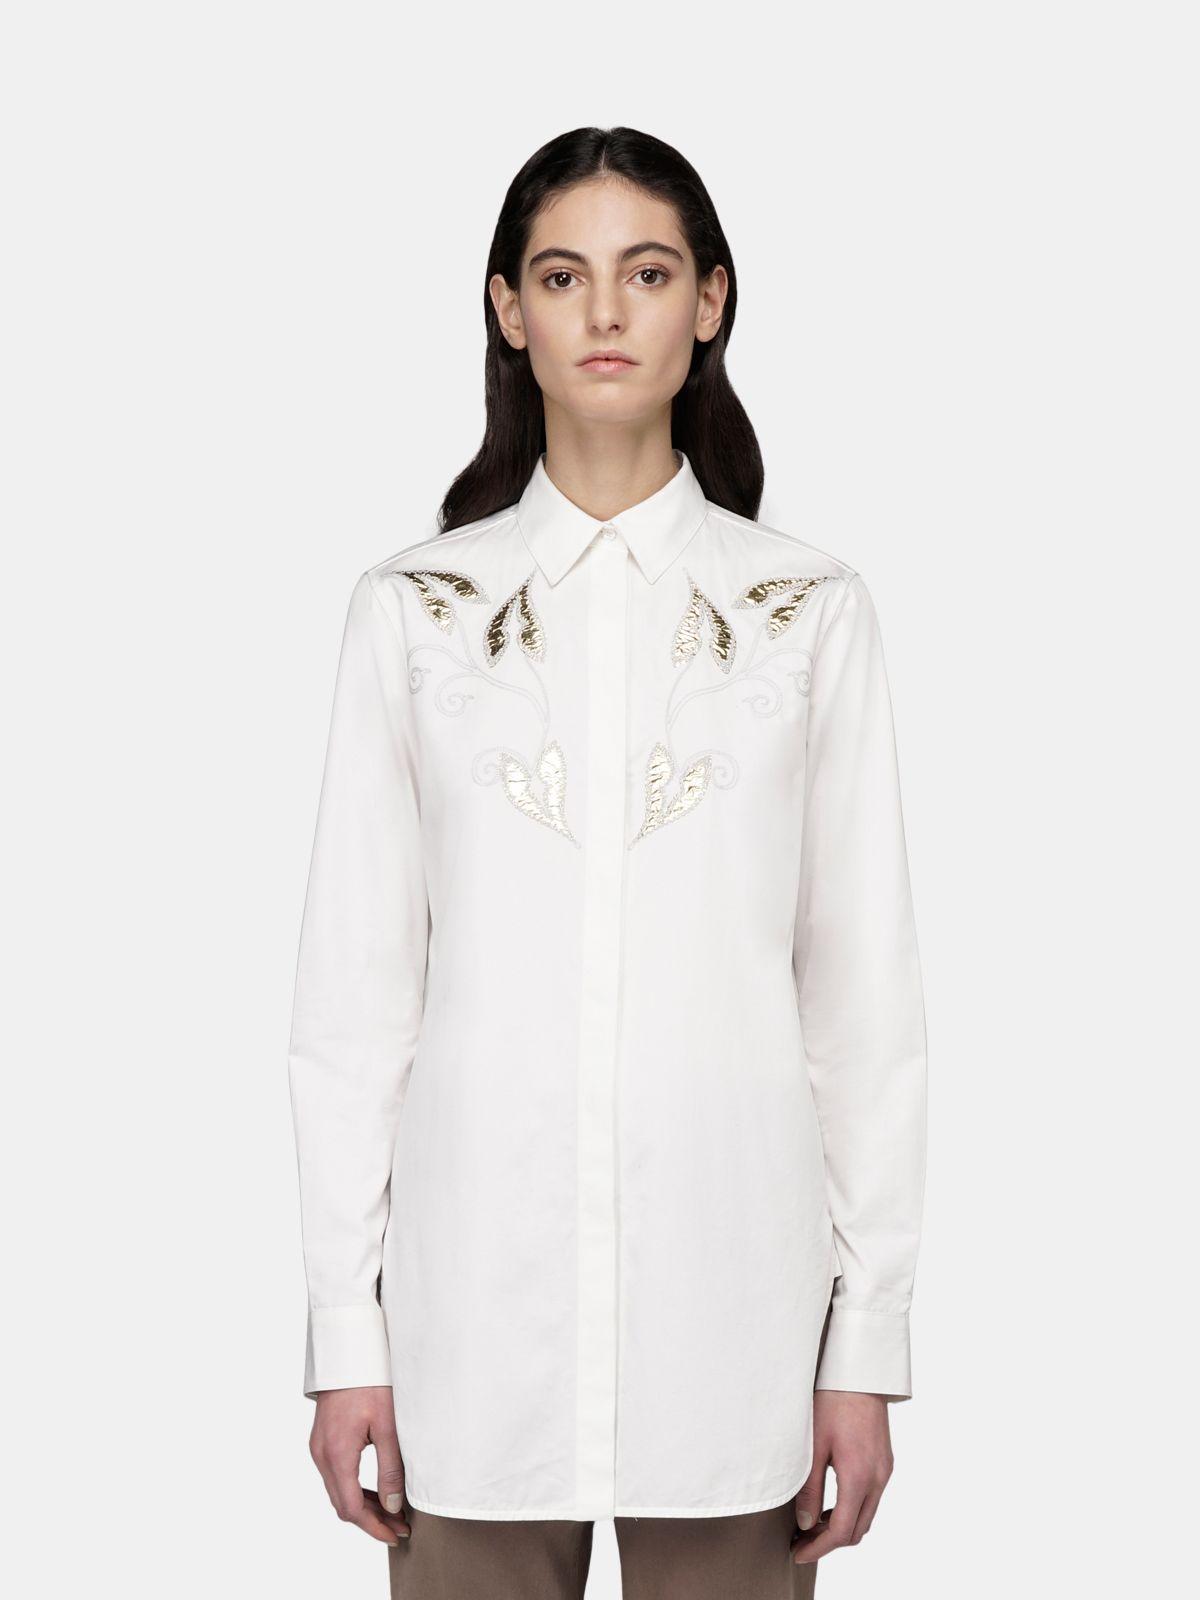 Golden Goose - Camicia Alice bianca in popeline con ricamo foglie dorate in